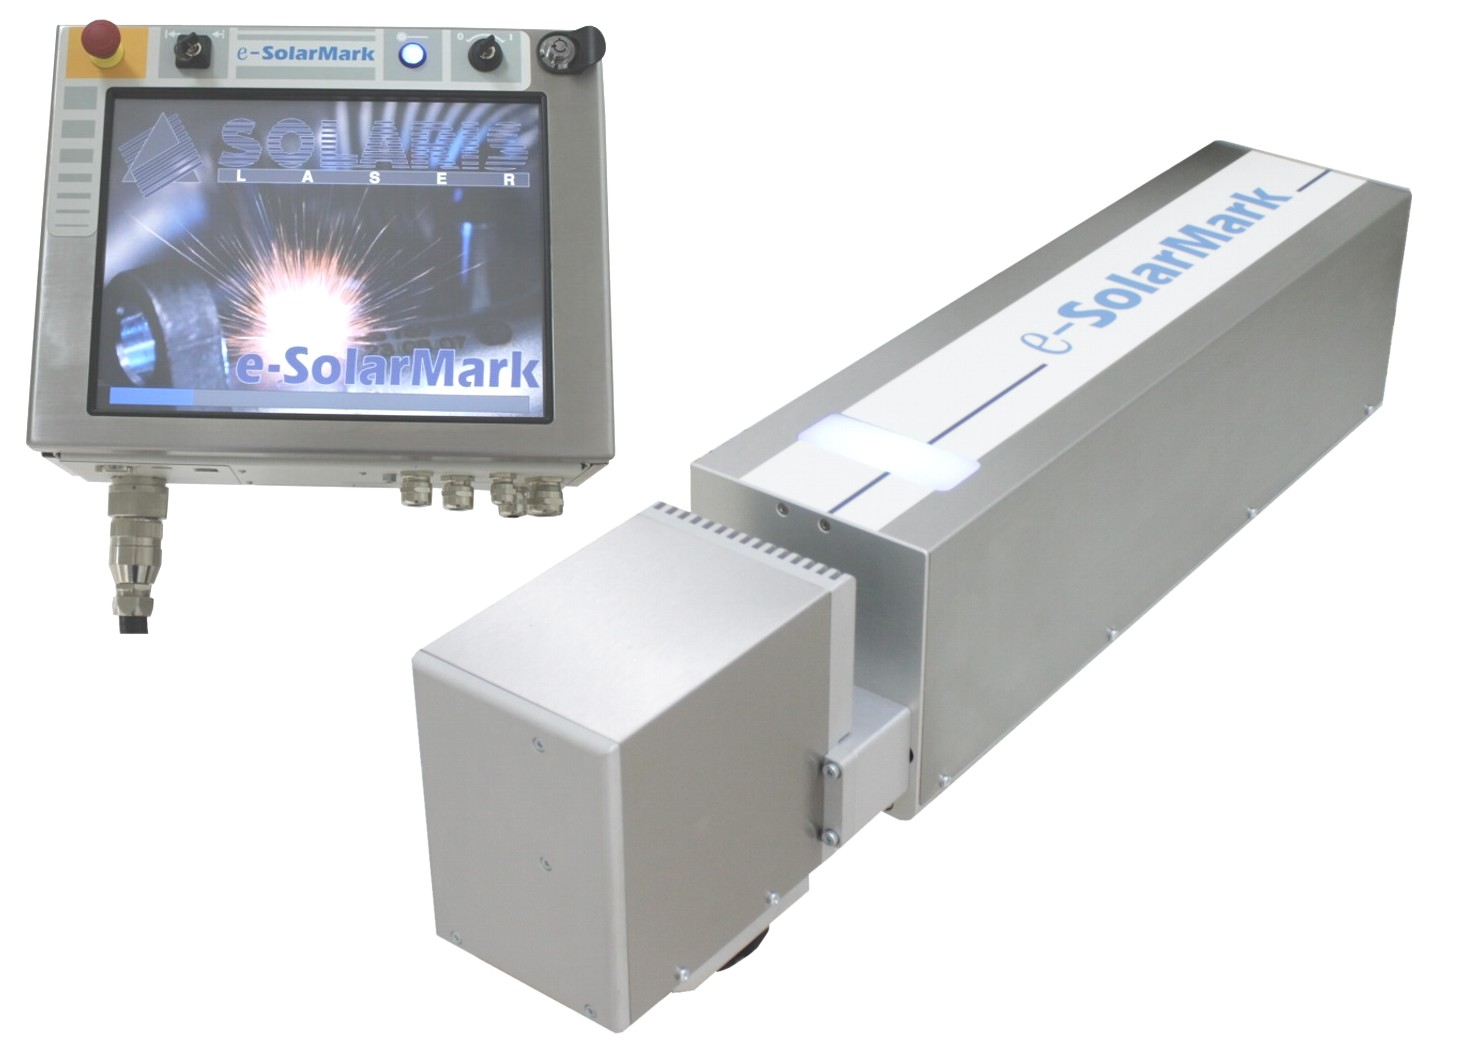 e-SolarMark+ DLG